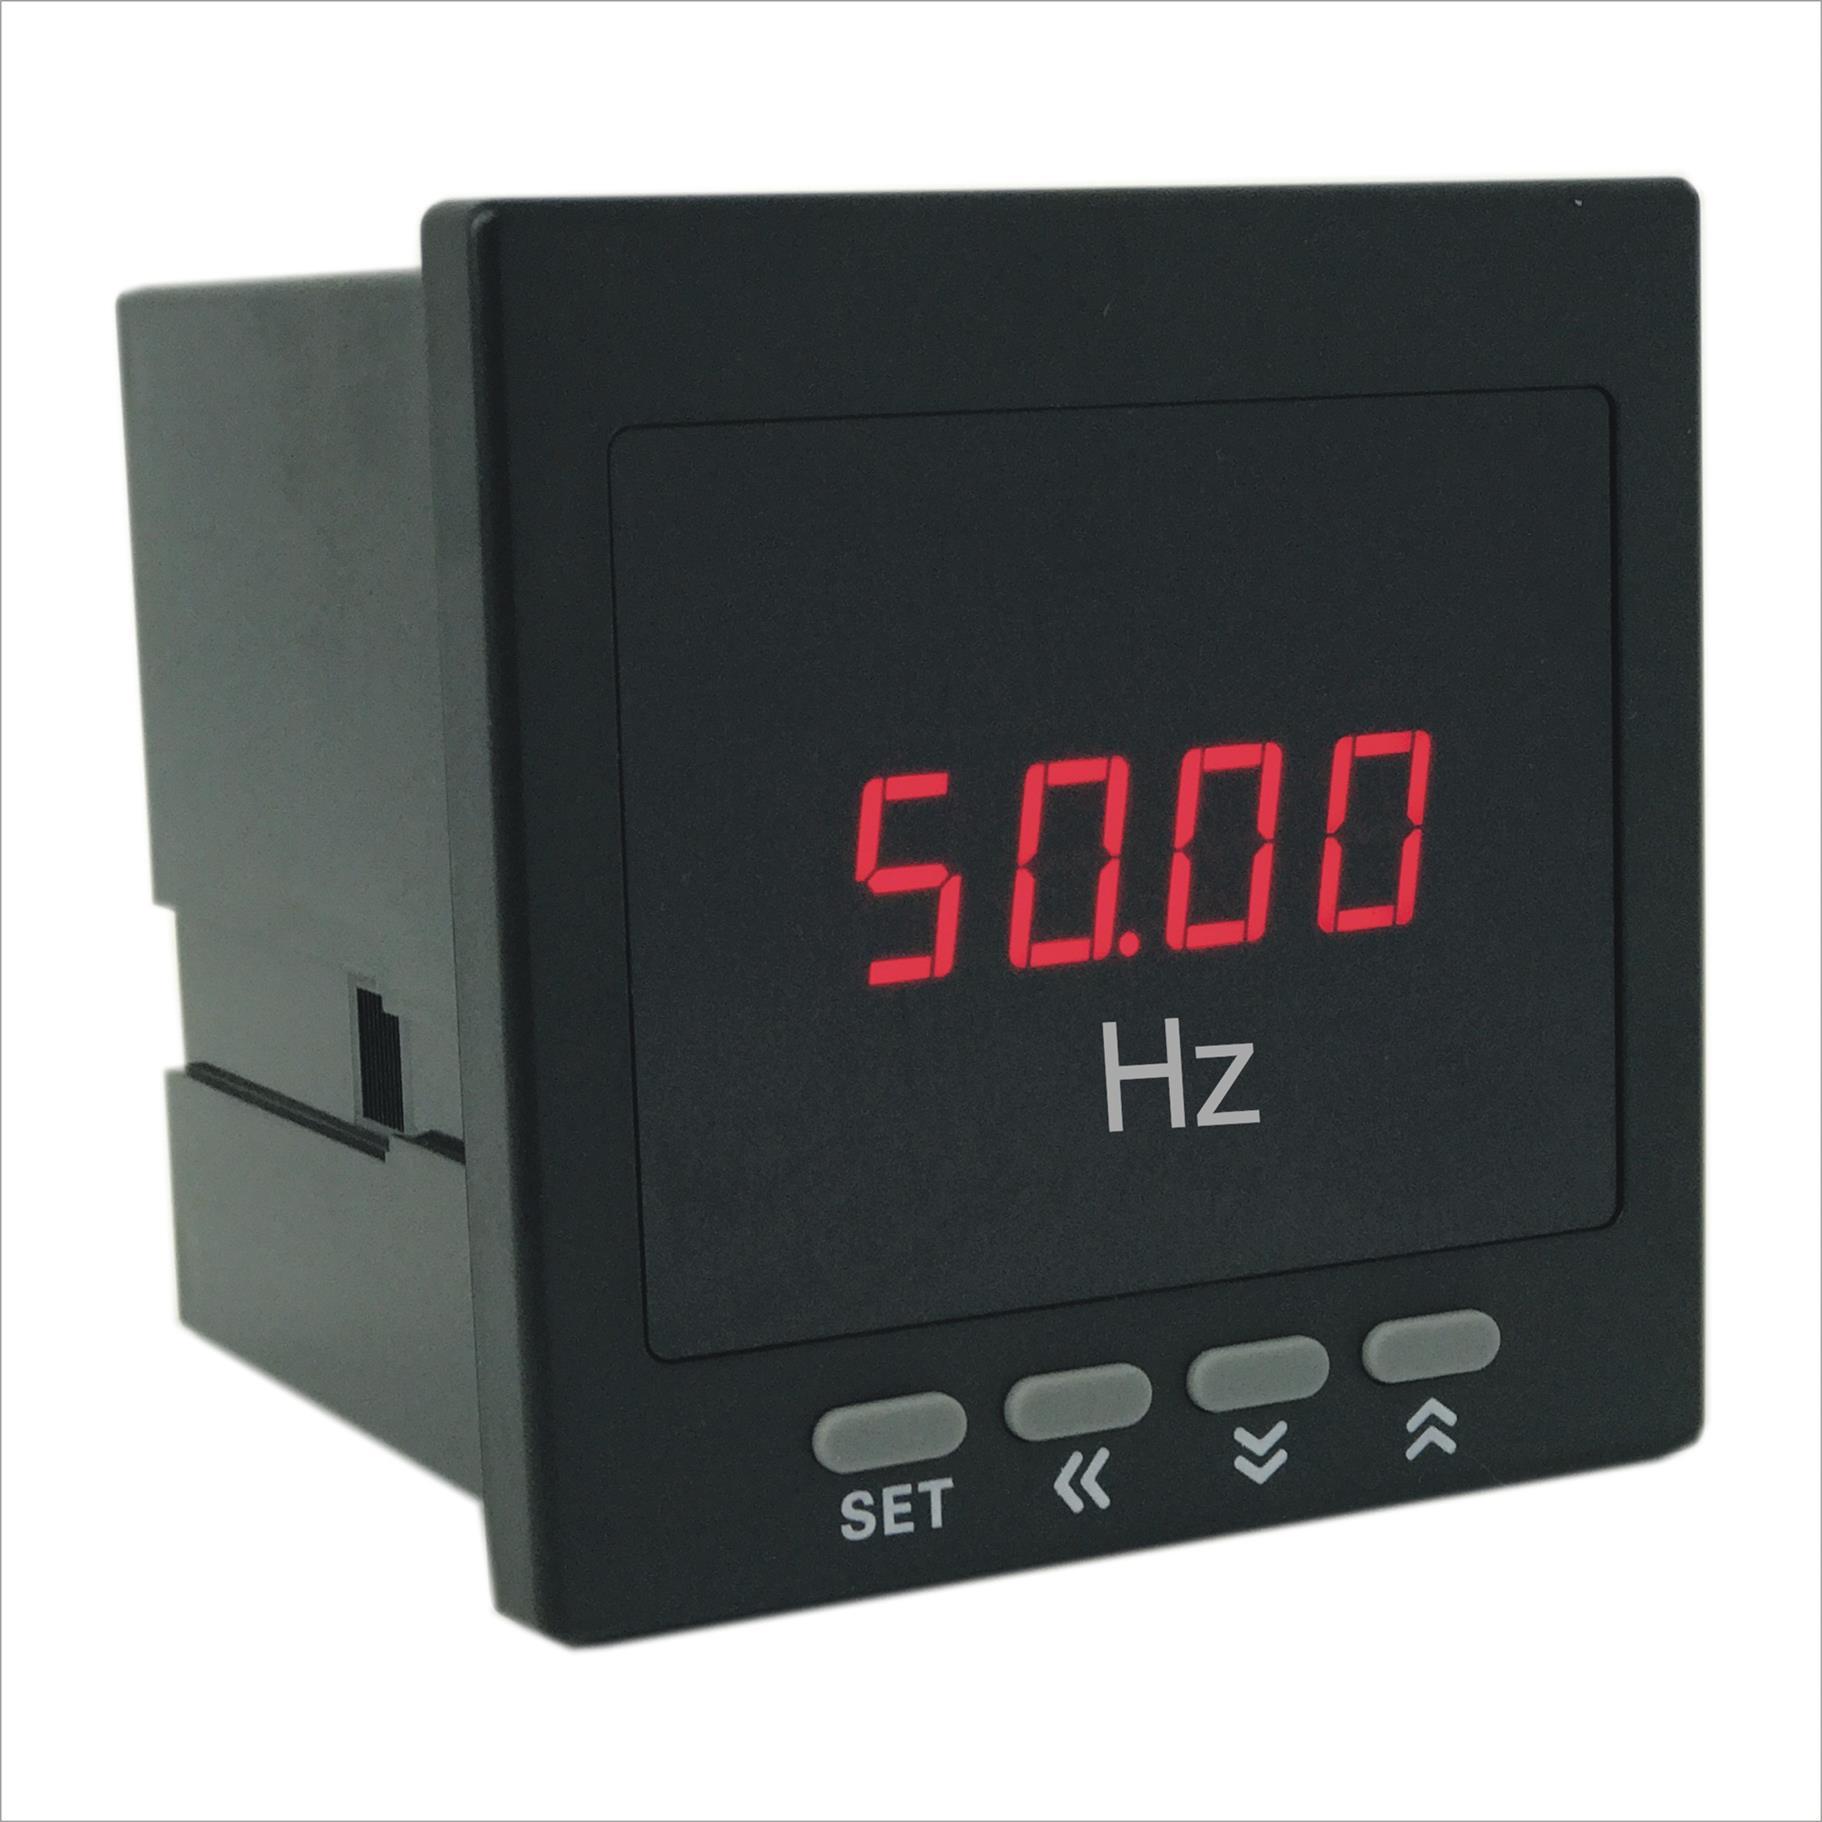 奥宾AOB195U-9X1变频器专用频率转速米速表生产商 超长质保